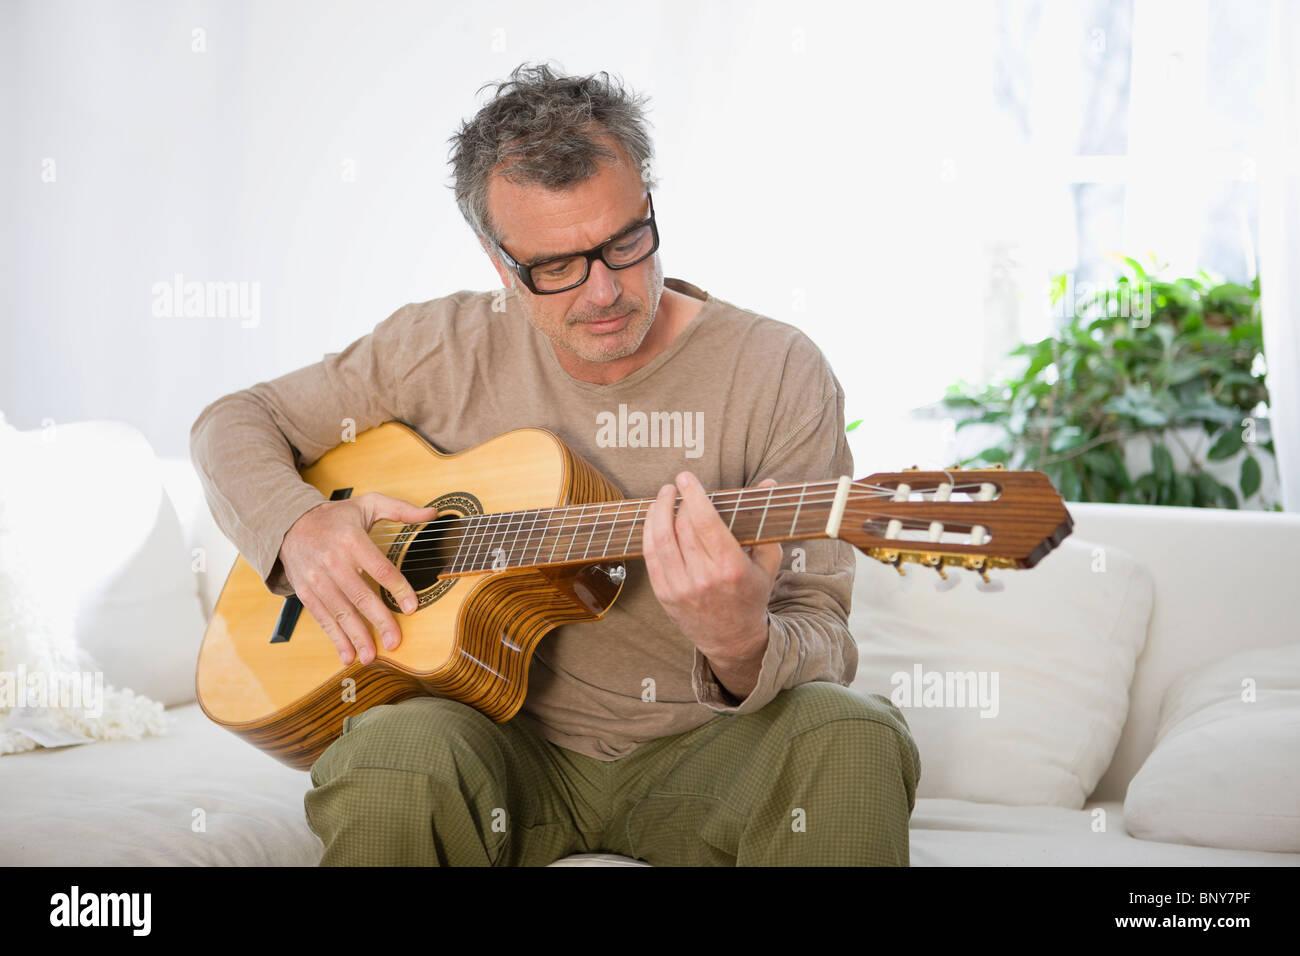 Man strumming guitar - Stock Image